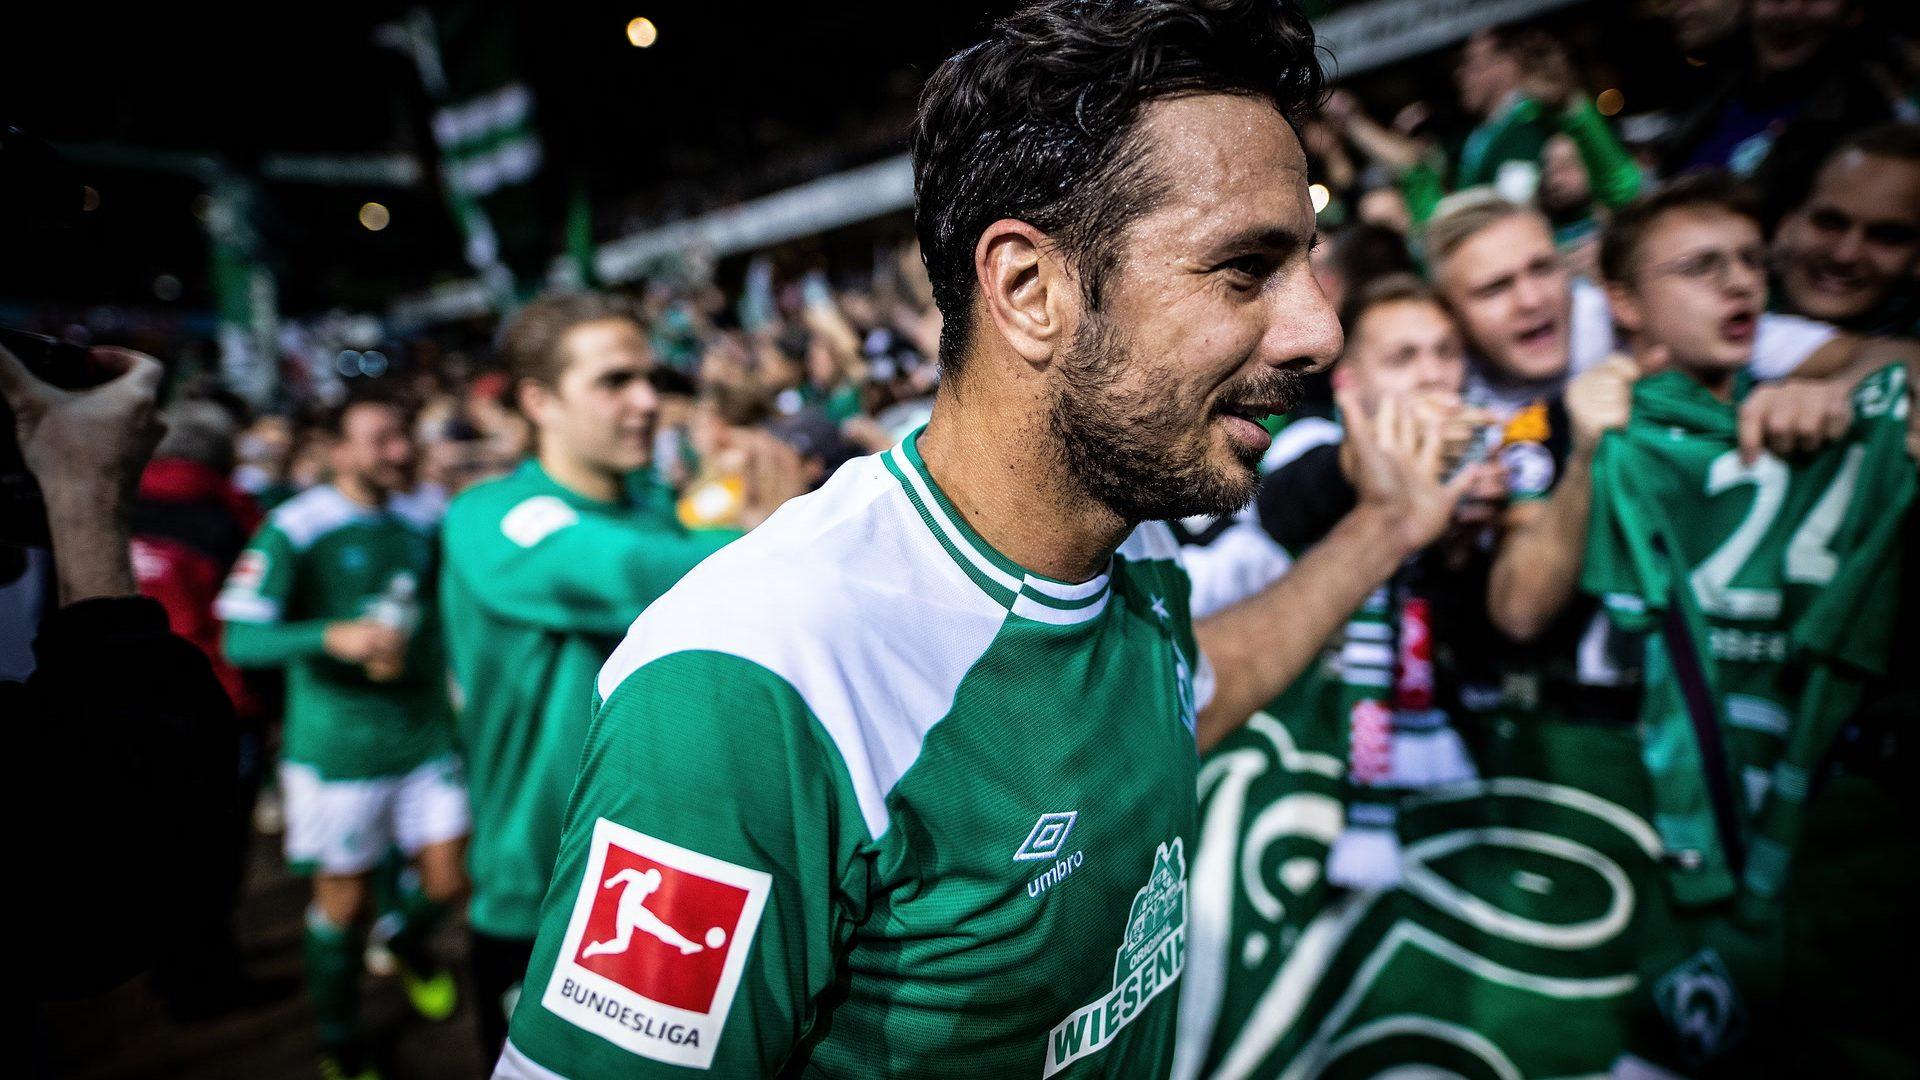 Bremen-Torjäger Claudio Pizarro - der Rekordbrecher